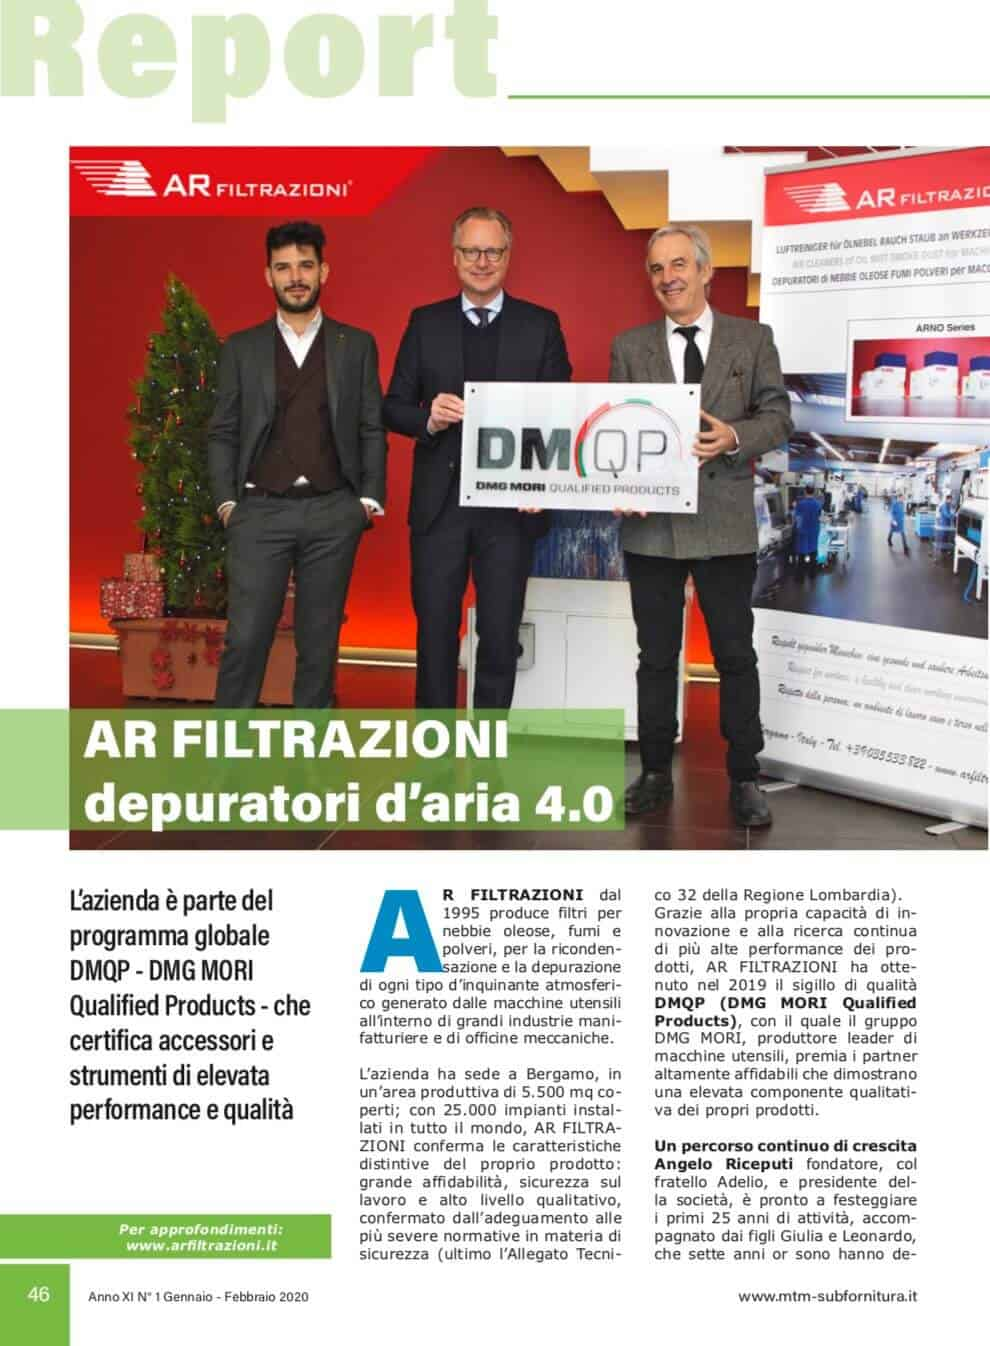 AR Filtrazioni | Partner dmqp dmg mori program certified